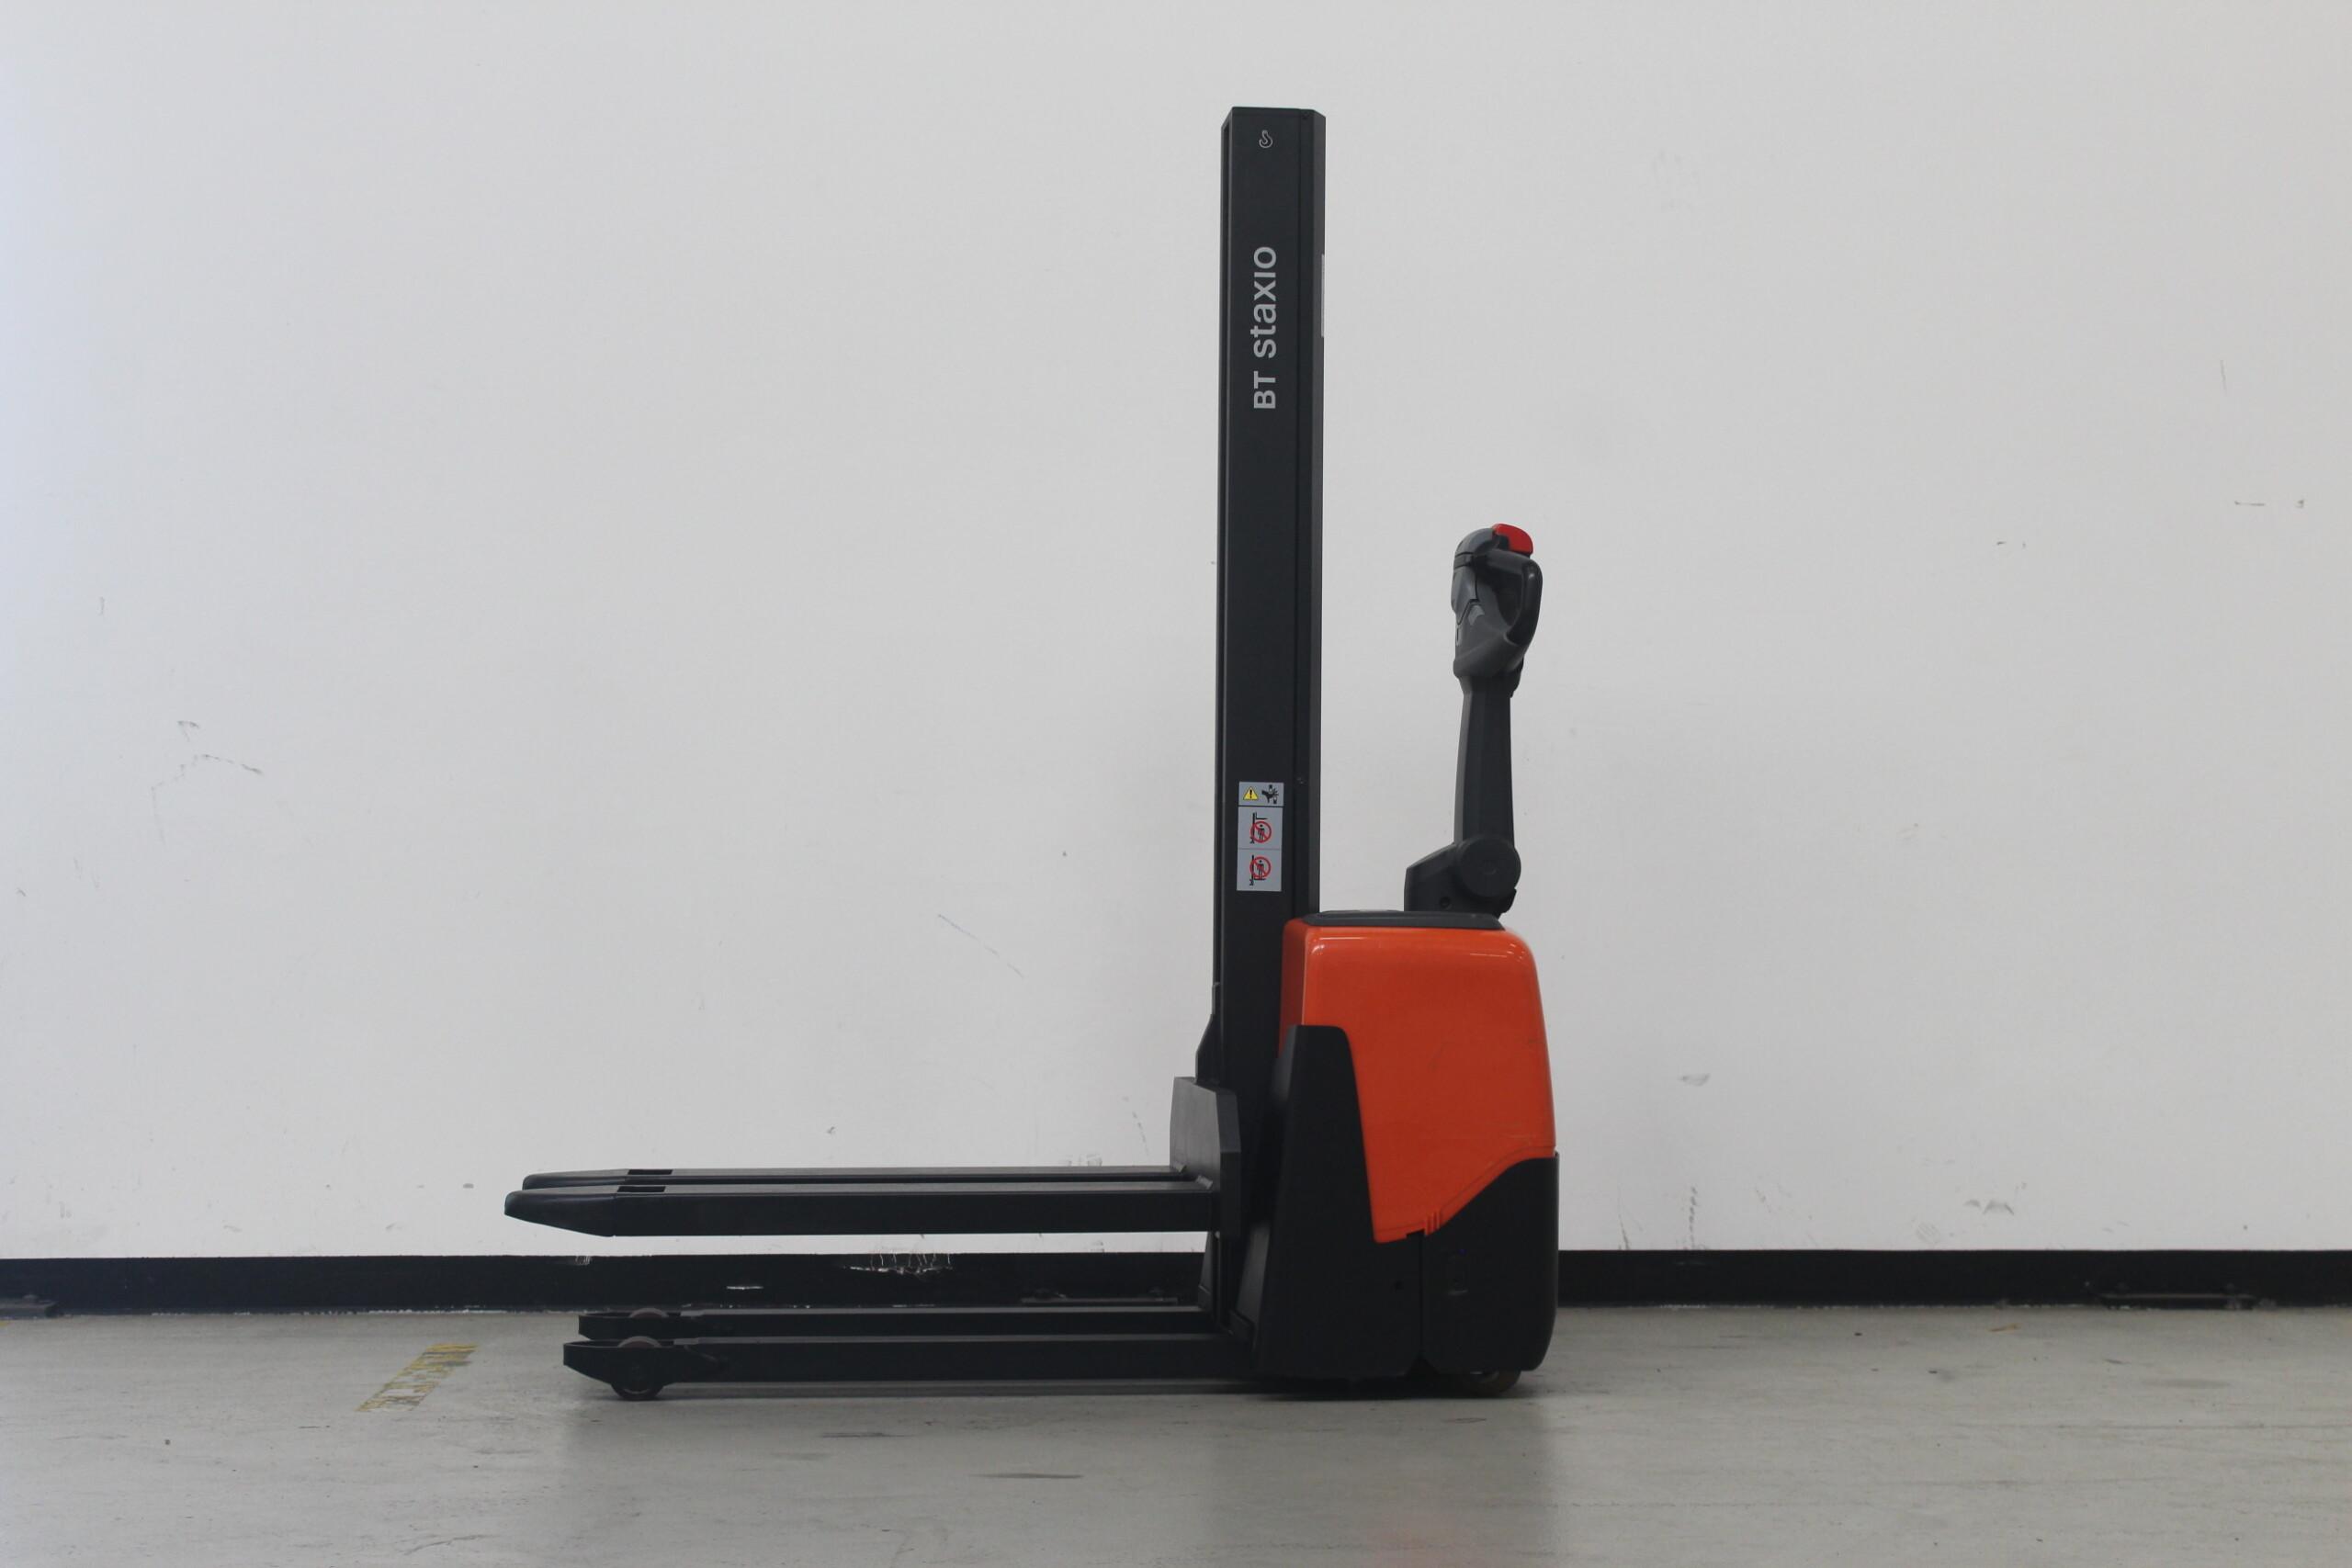 Toyota-Gabelstapler-59840 1707008898 1 4 scaled